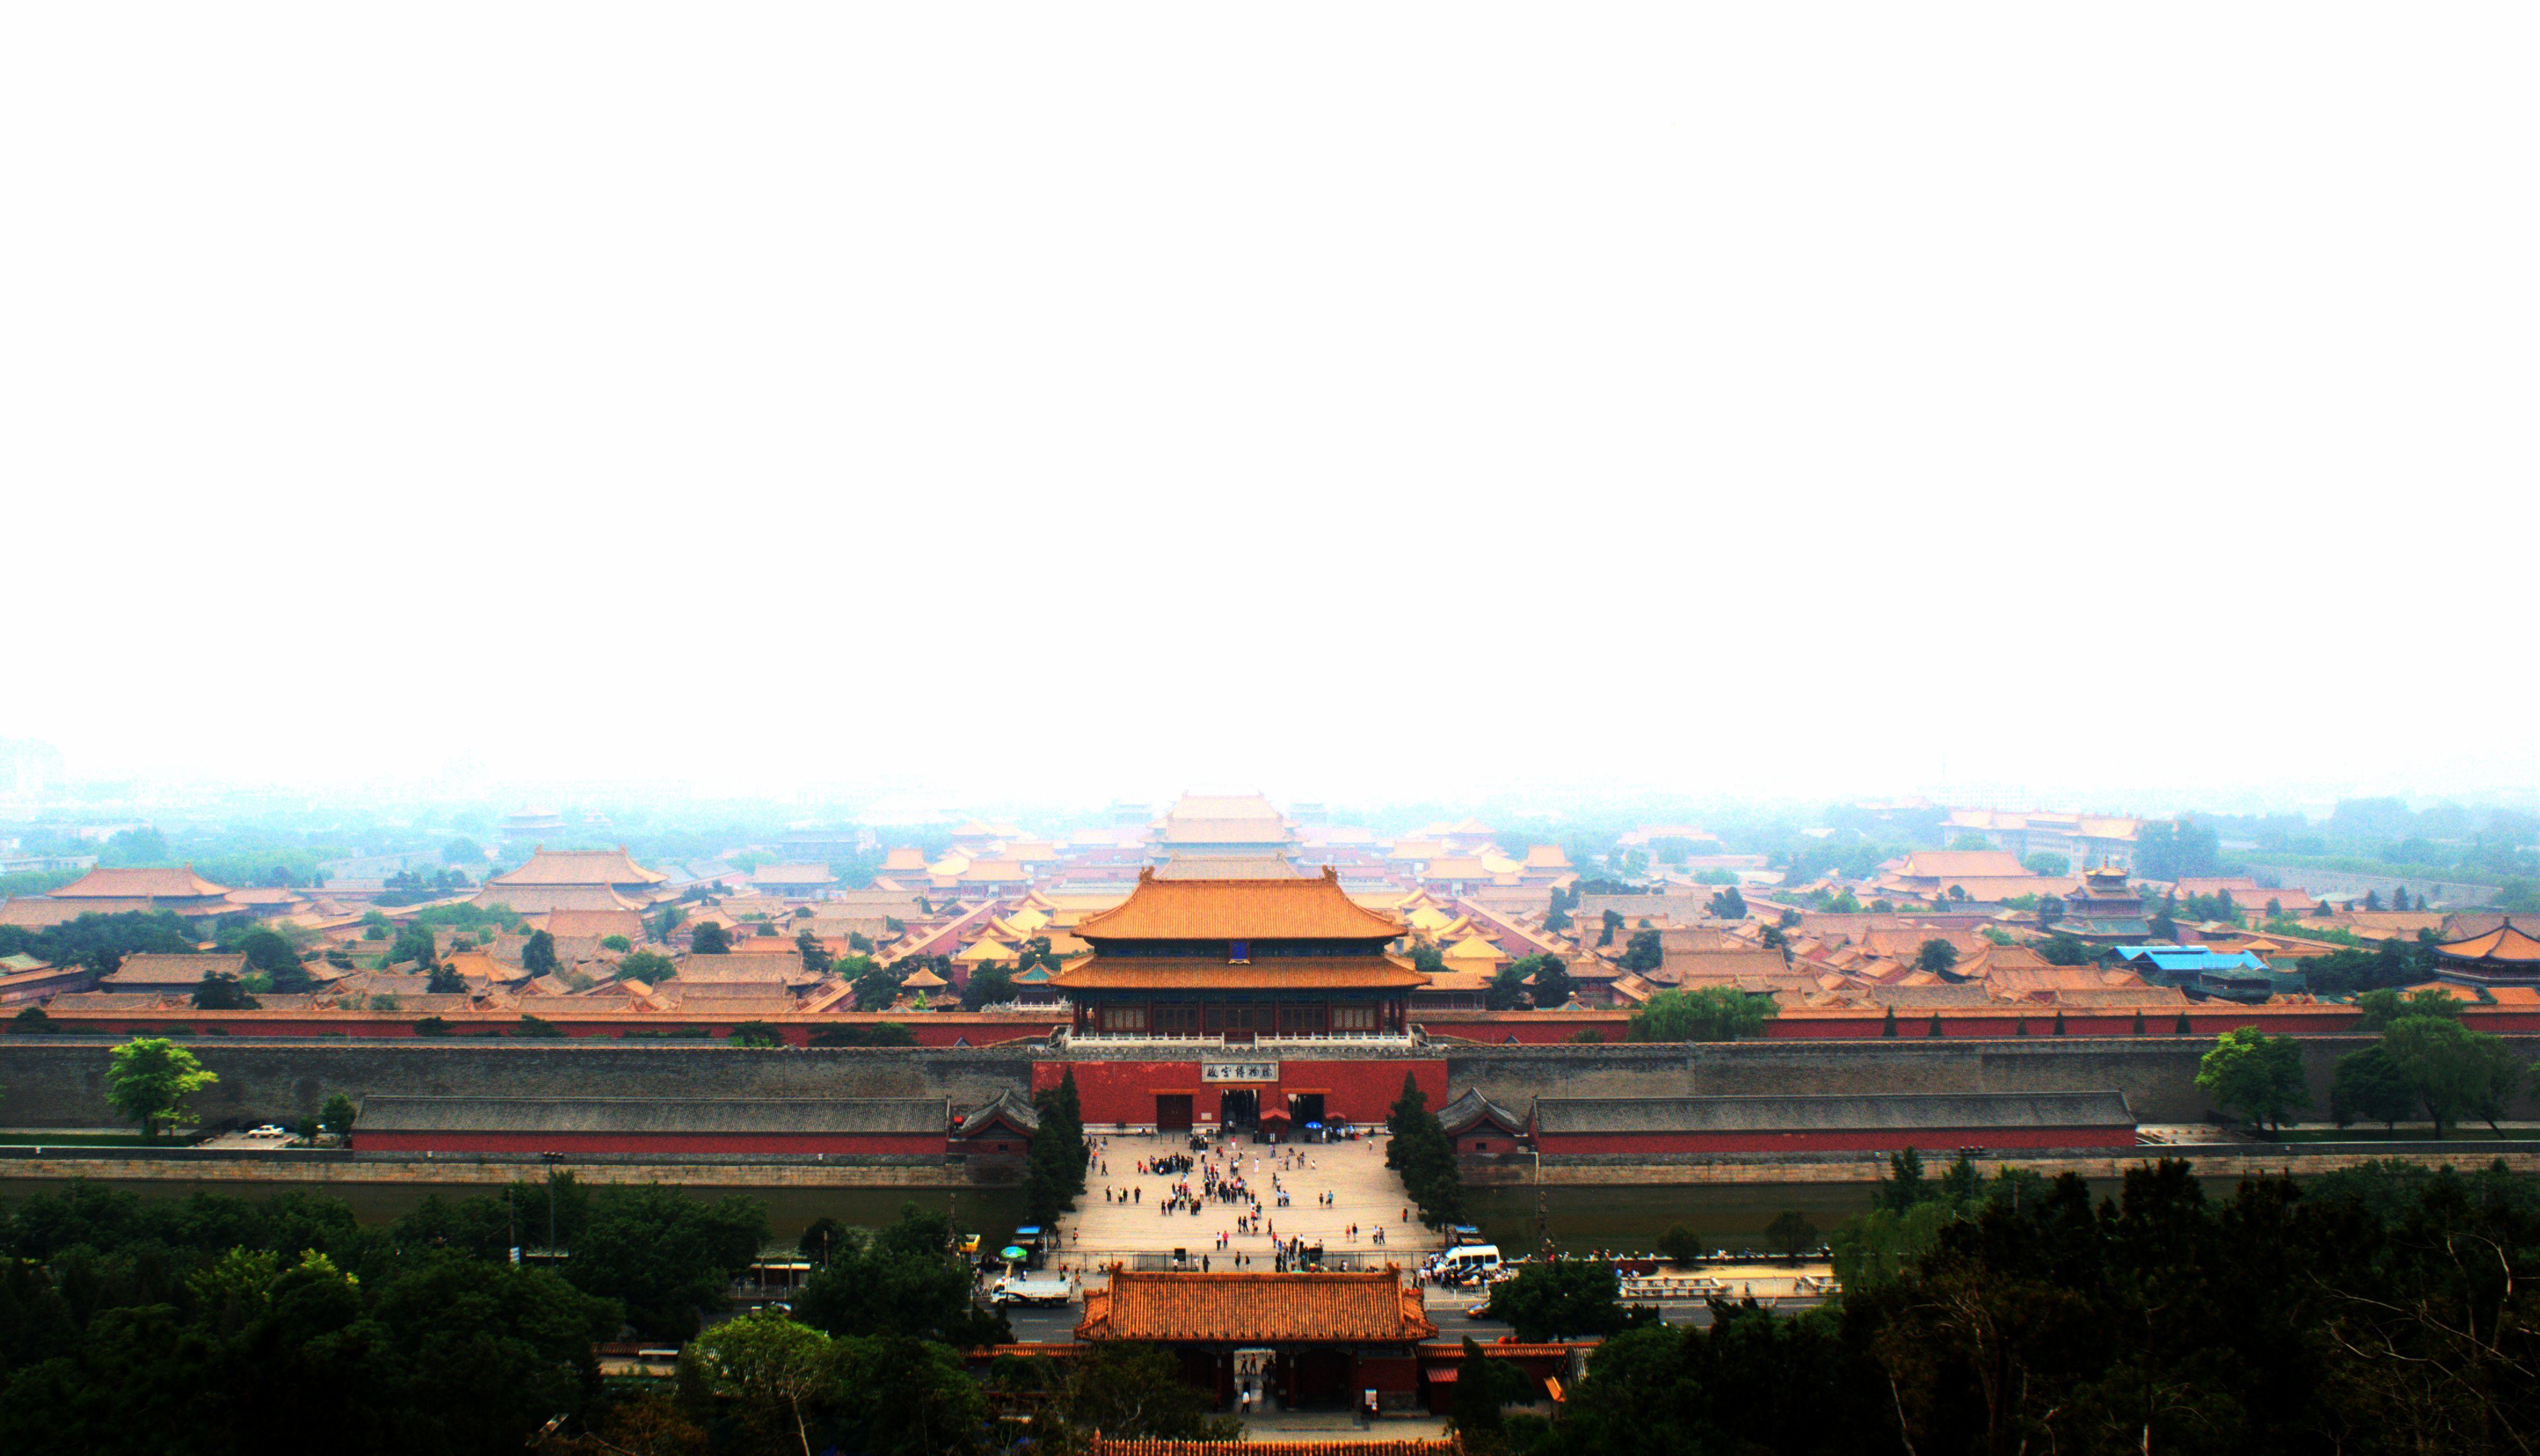 故宫的设计者认为这样以显示皇帝的威严,震慑天下.